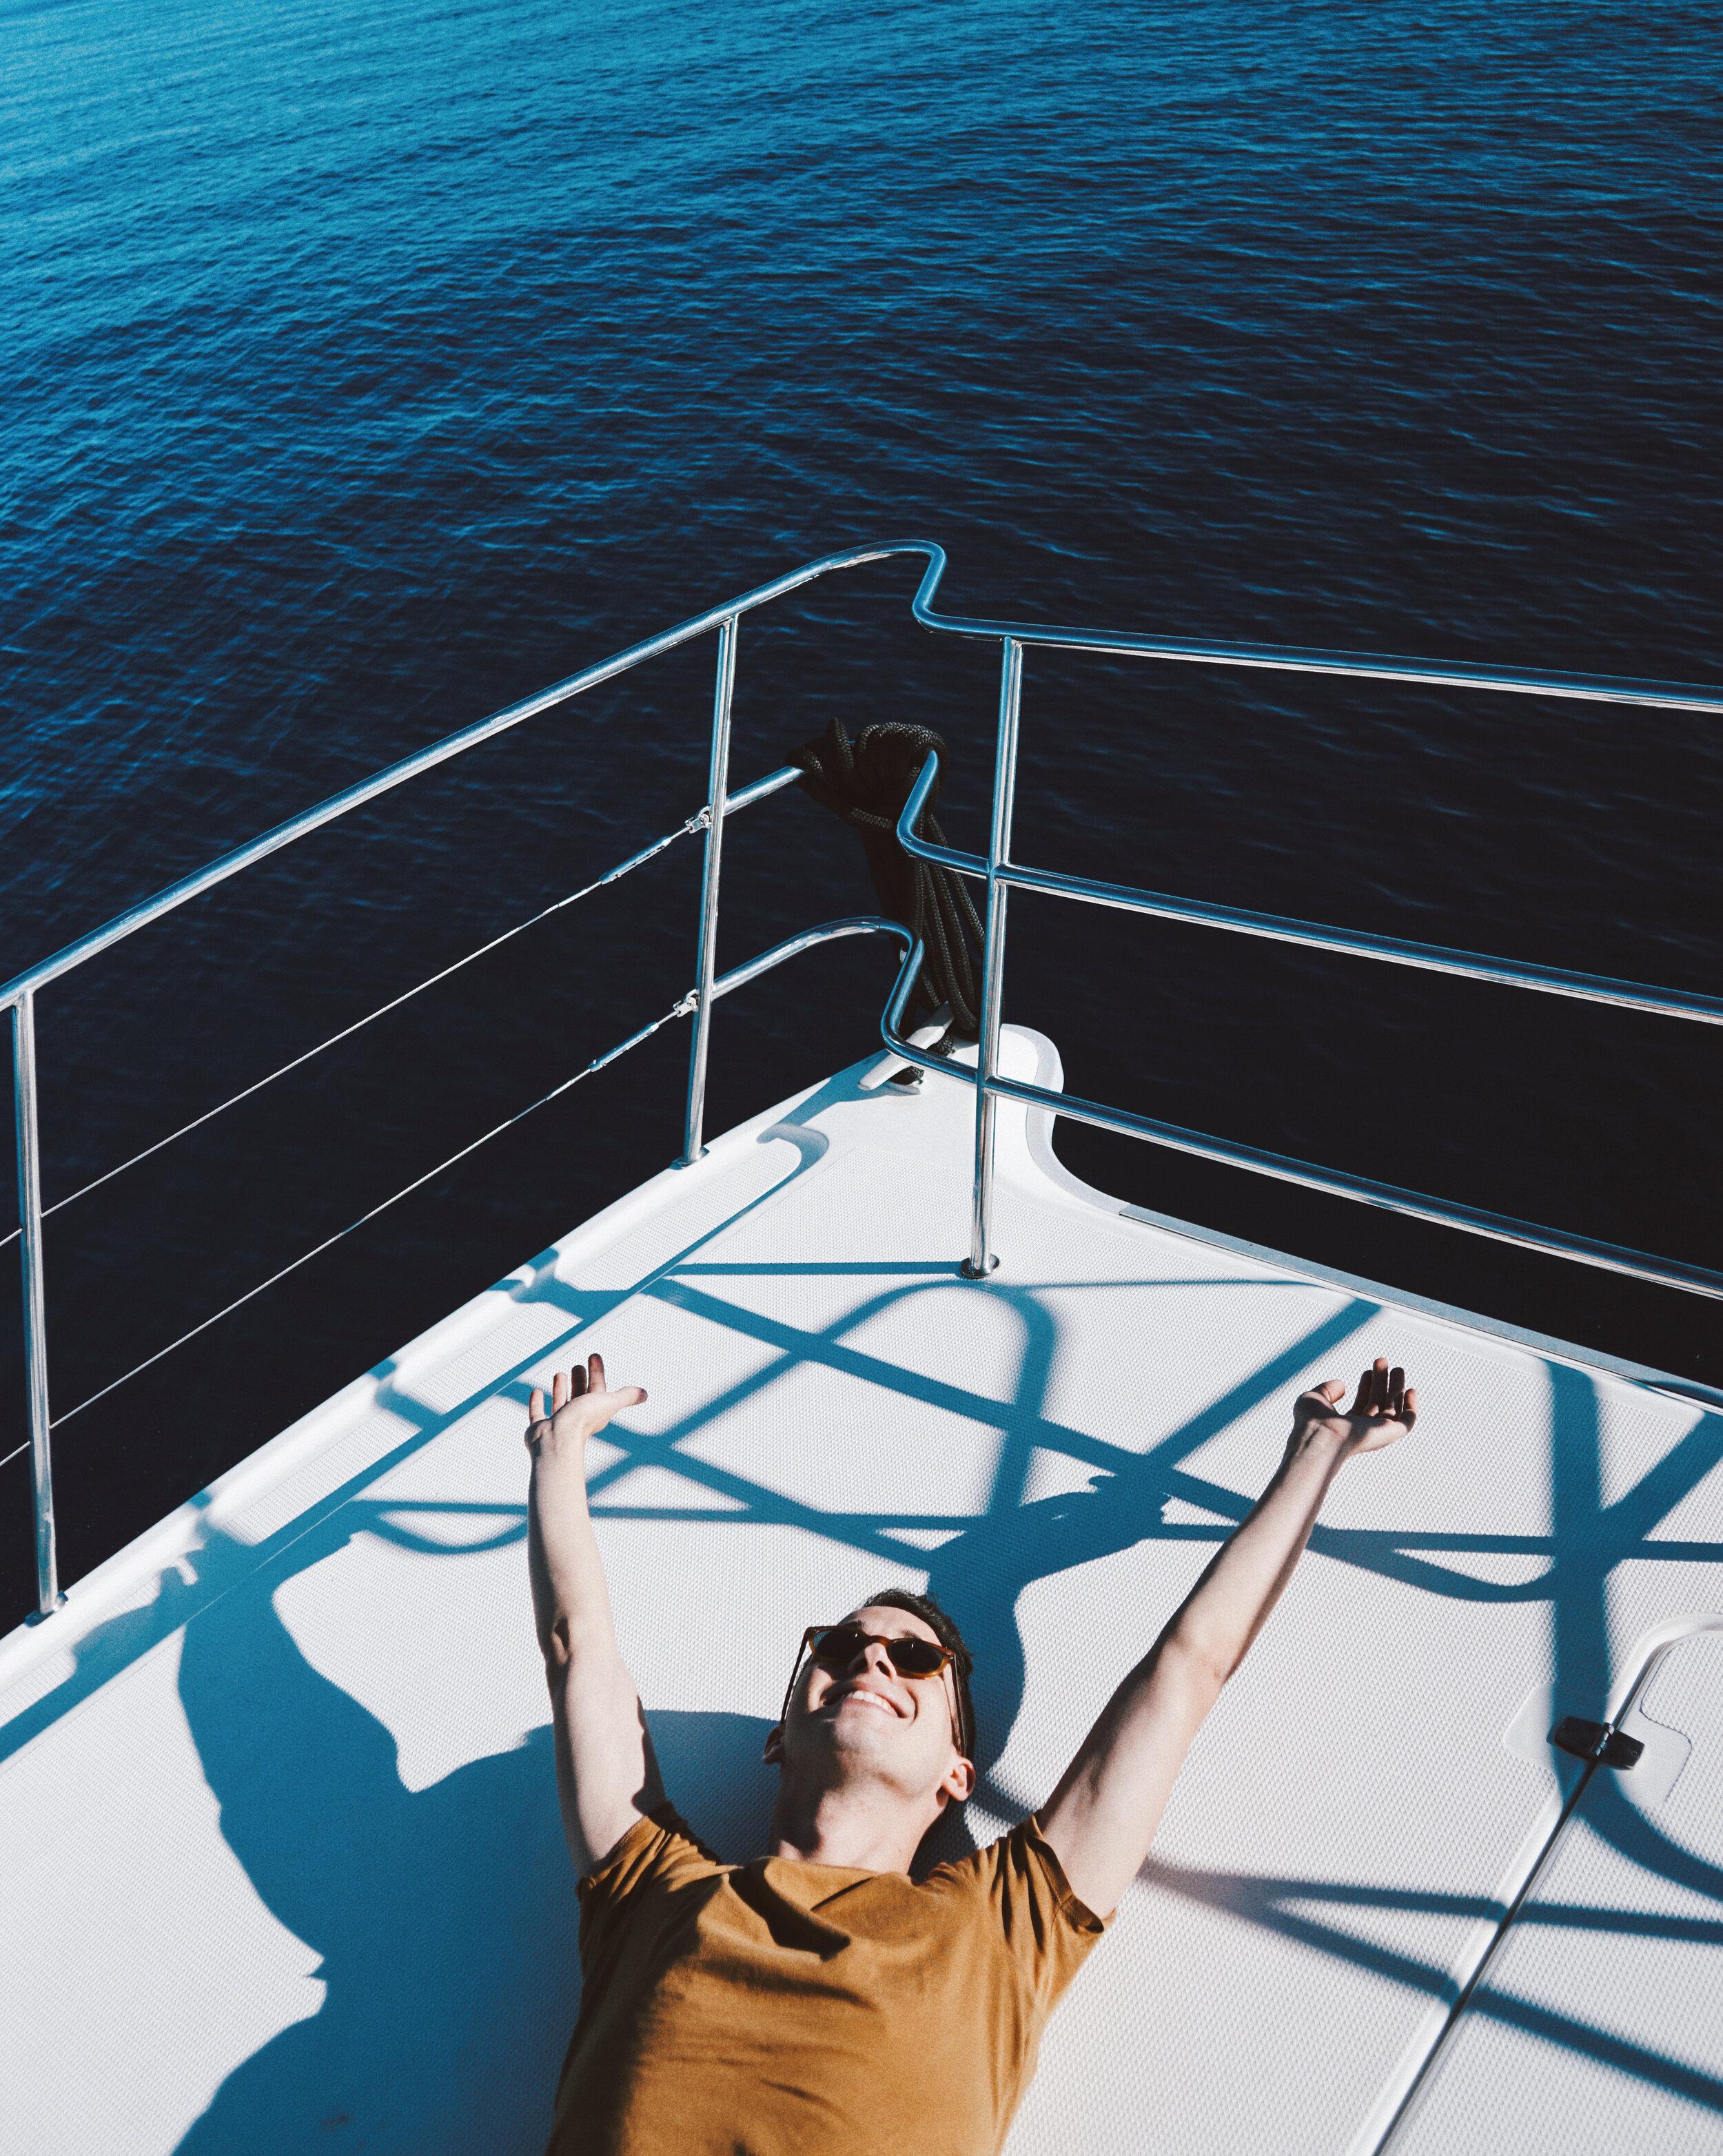 harperonaboat.jpeg